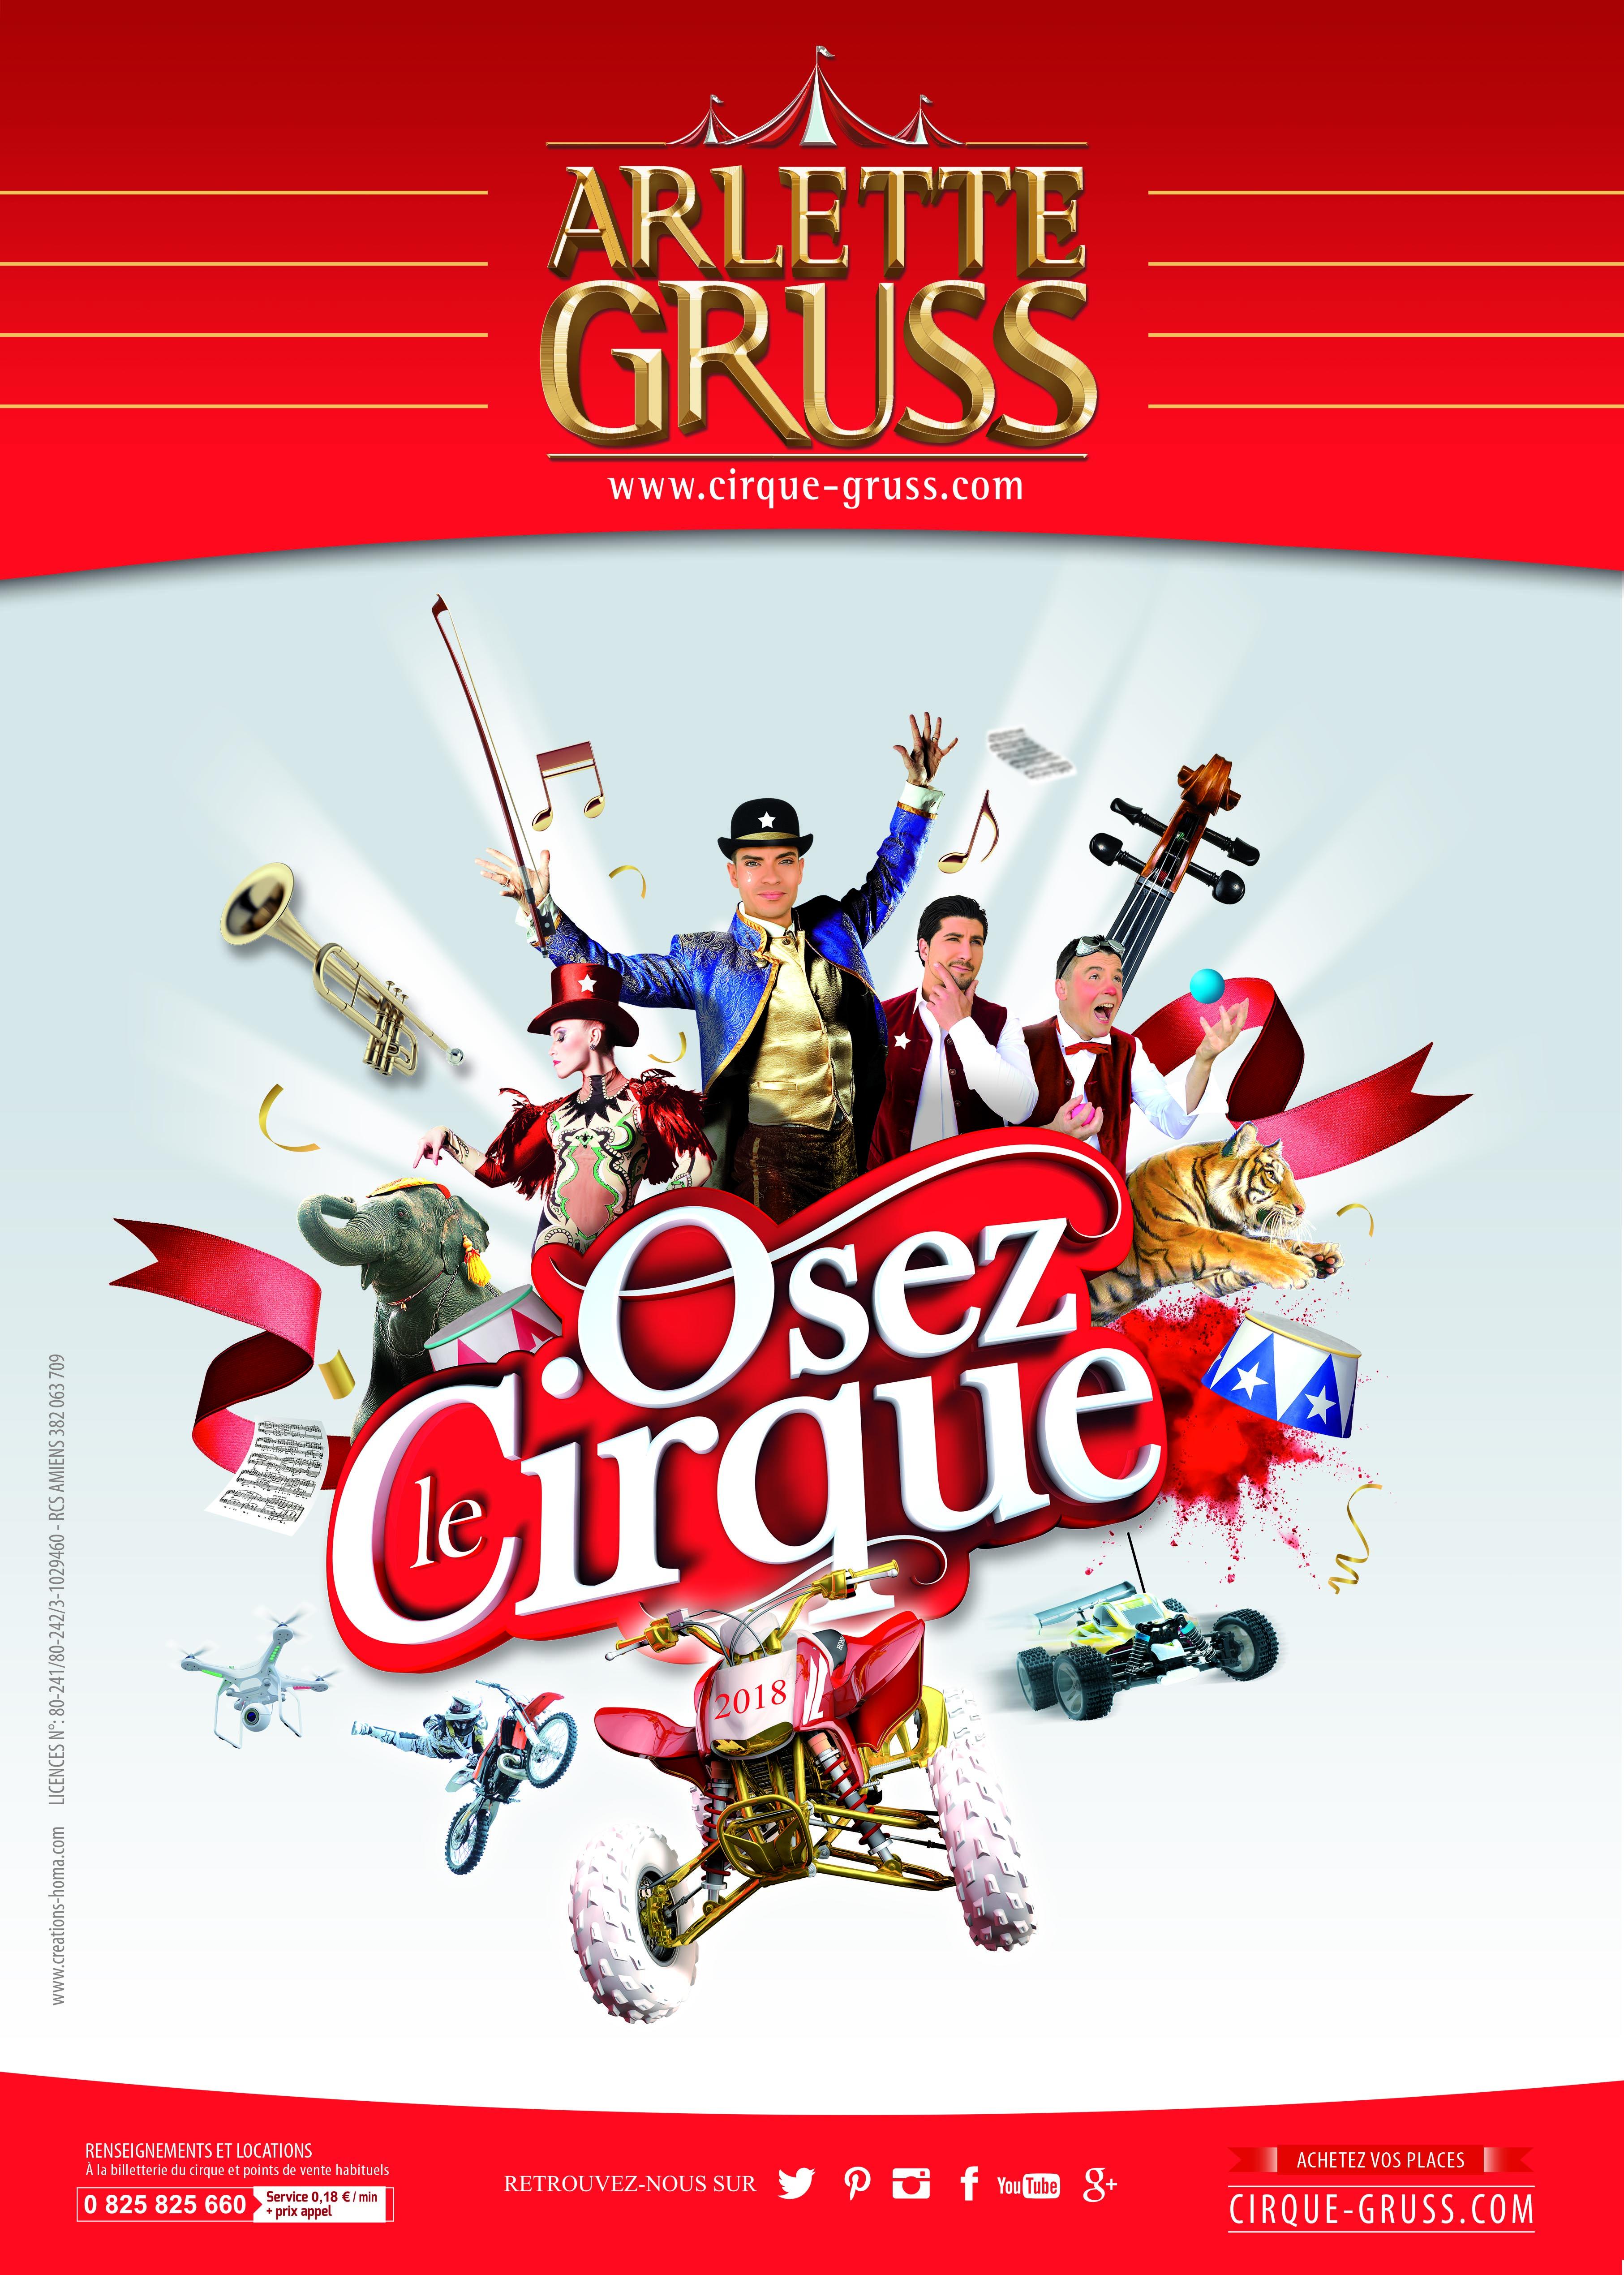 """ARLETTE GRUSS 2018 """"OSEZ LE CIRQUE"""" VALBONNE"""